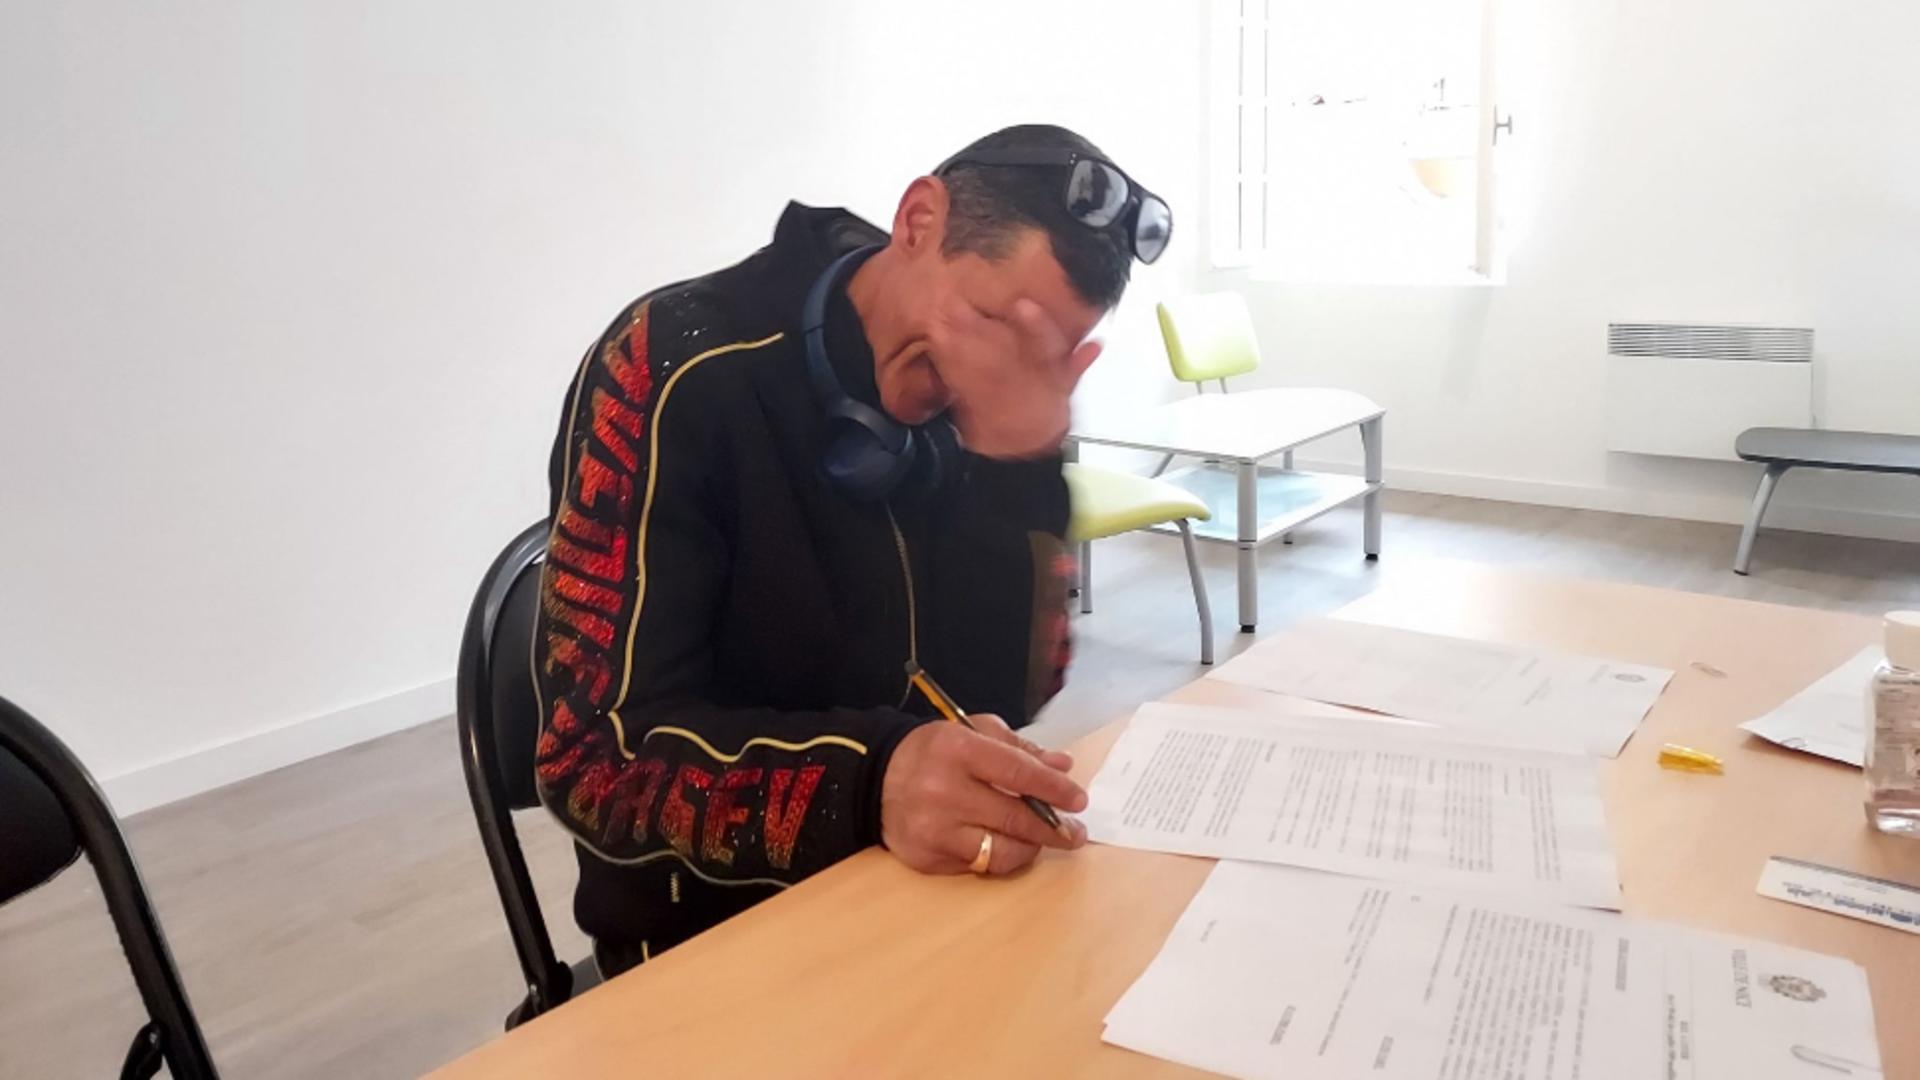 Un cerșetorul român plânge de bucurie după ce a primit o casa si un job. Sursa foto: Solidarité 06